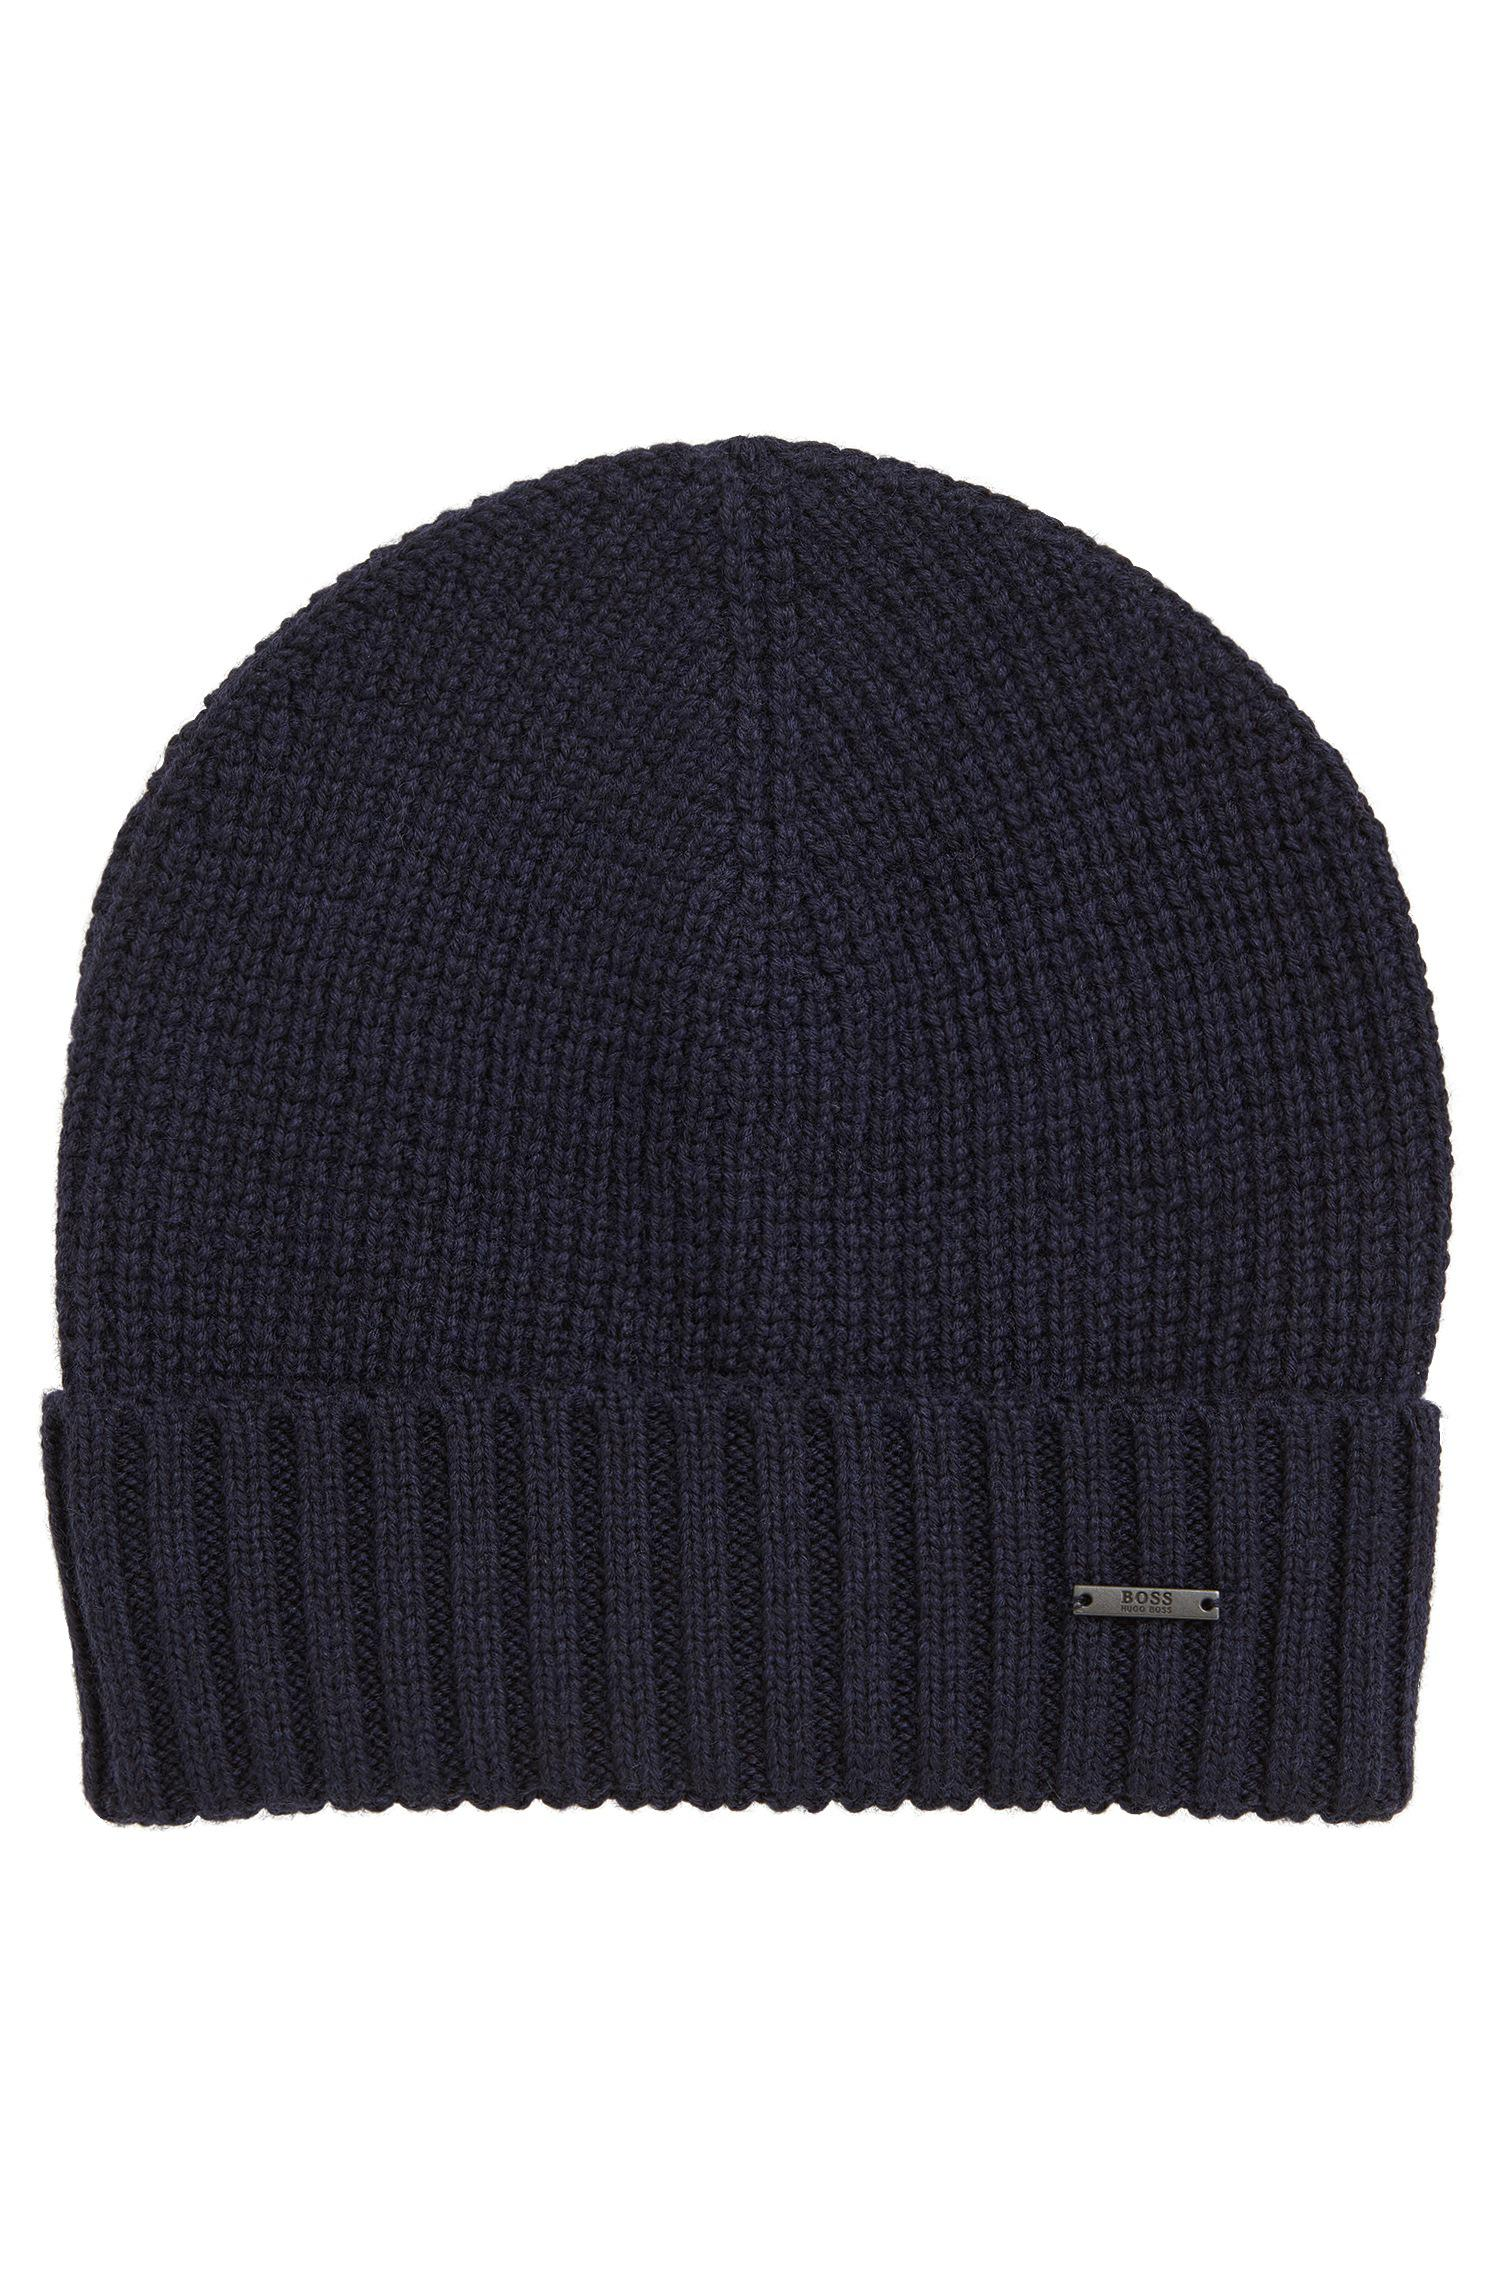 BOSS Waffle-knit Beanie Hat In Virgin Wool in Blue for Men - Lyst 4a152dda56b